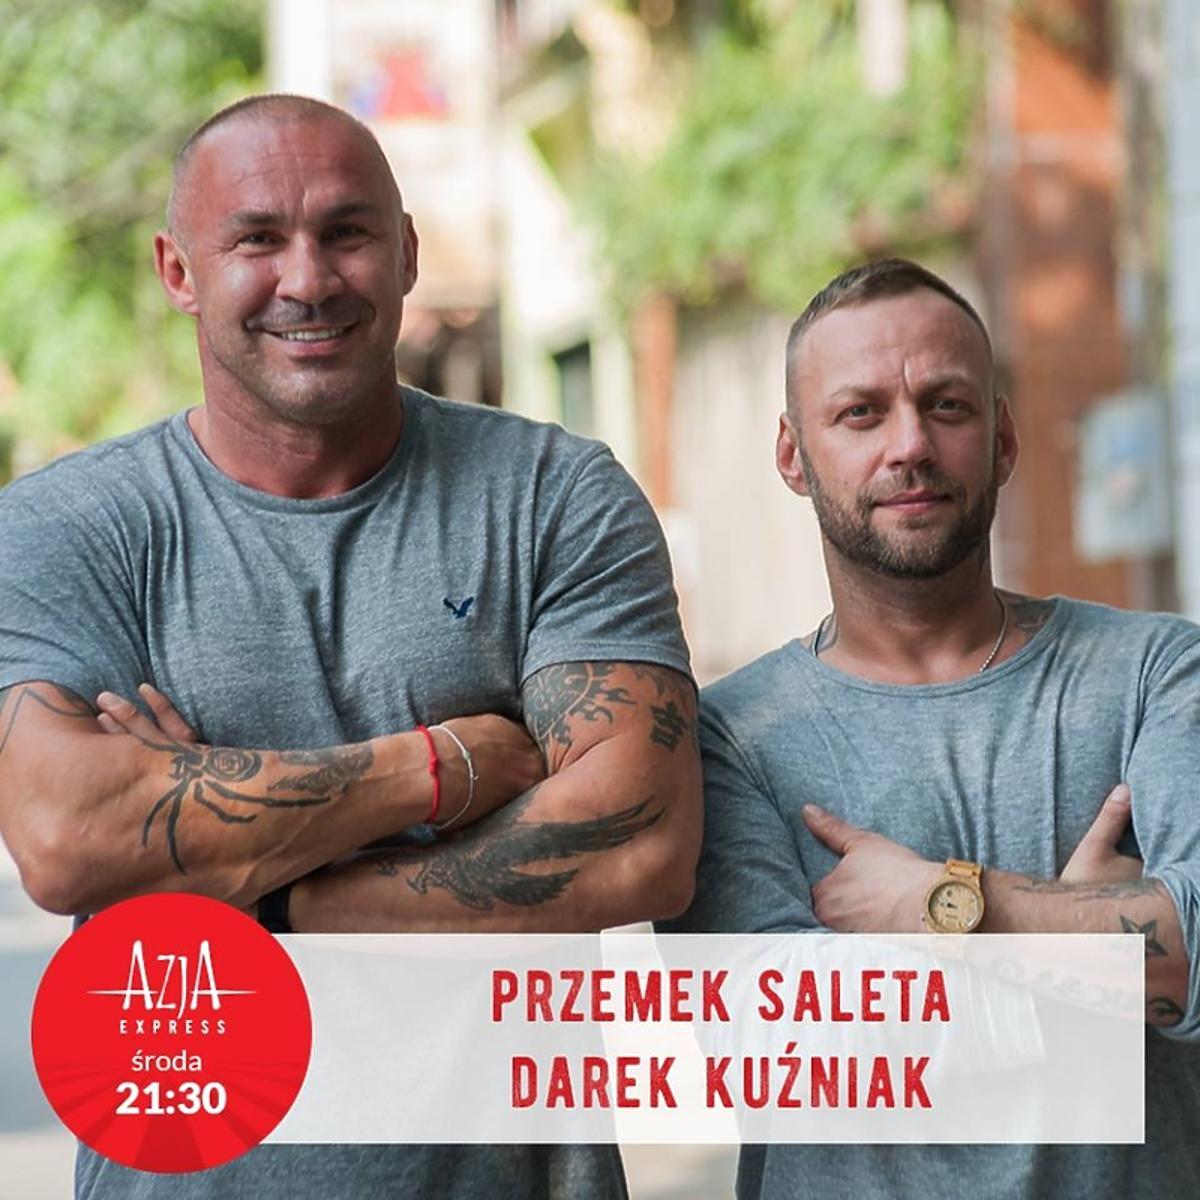 Przemek Saleta i Darek Kuźniak w programie Azja Express